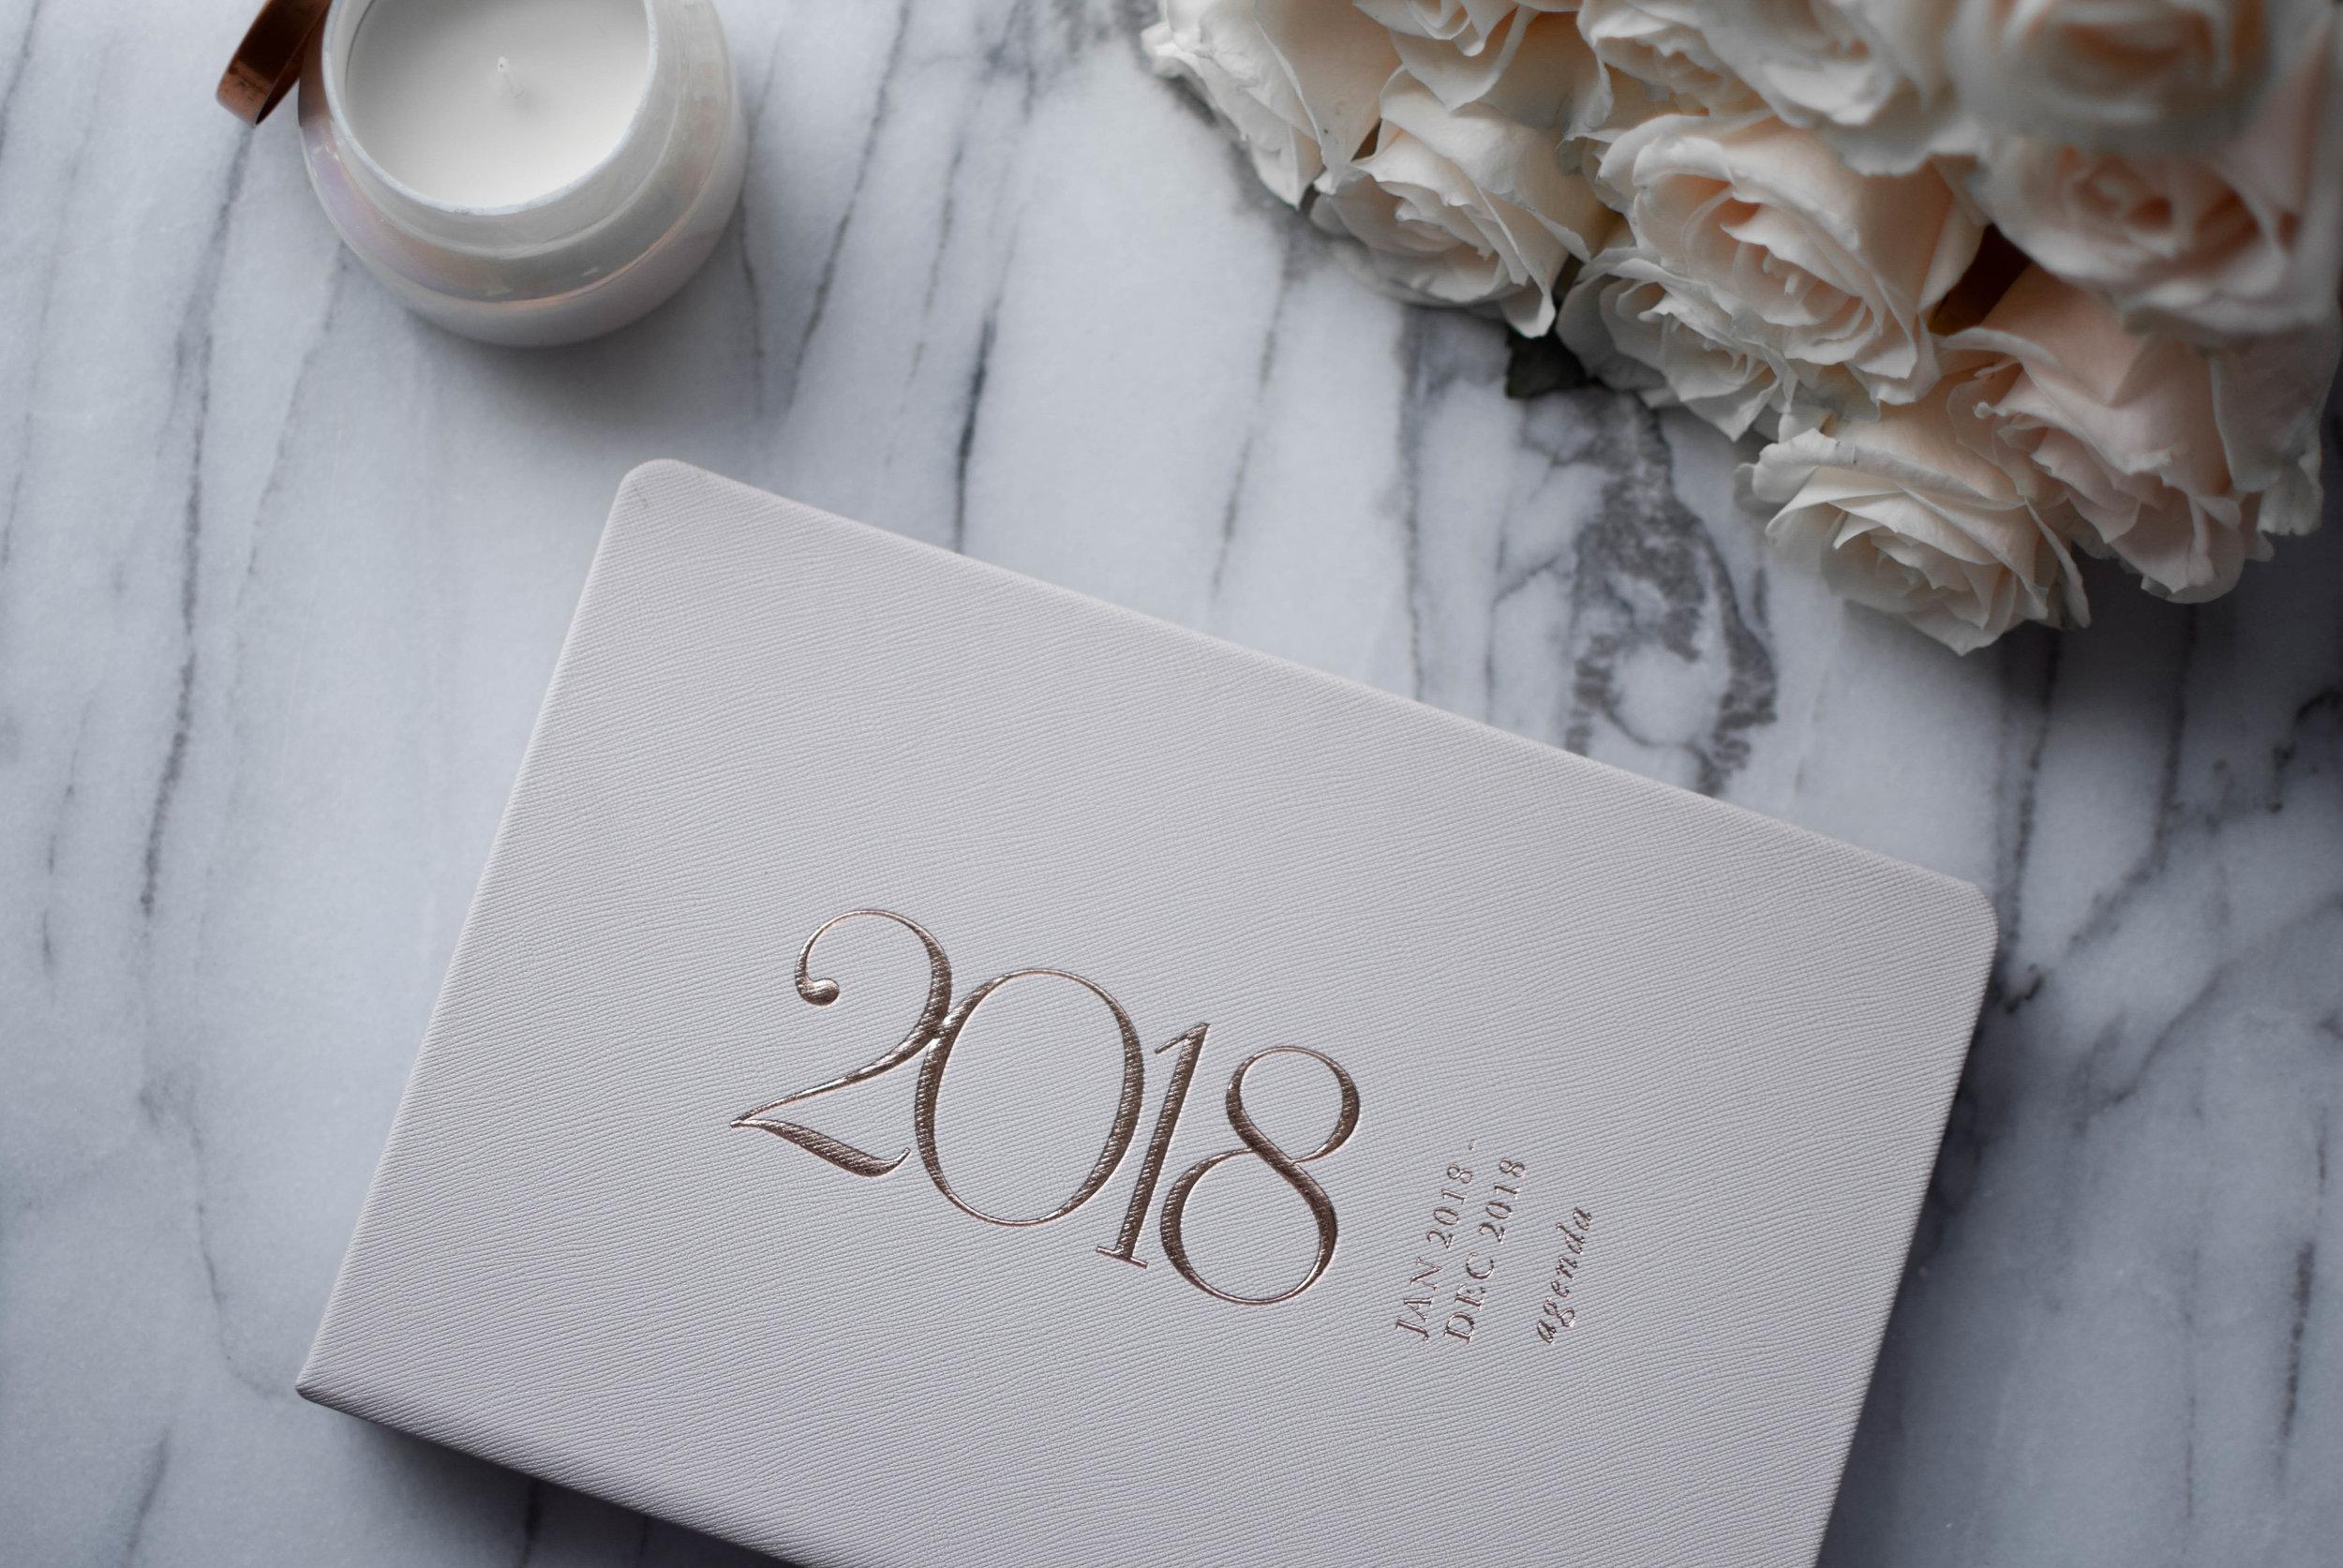 2018 Goals | Pine Barren Beauty